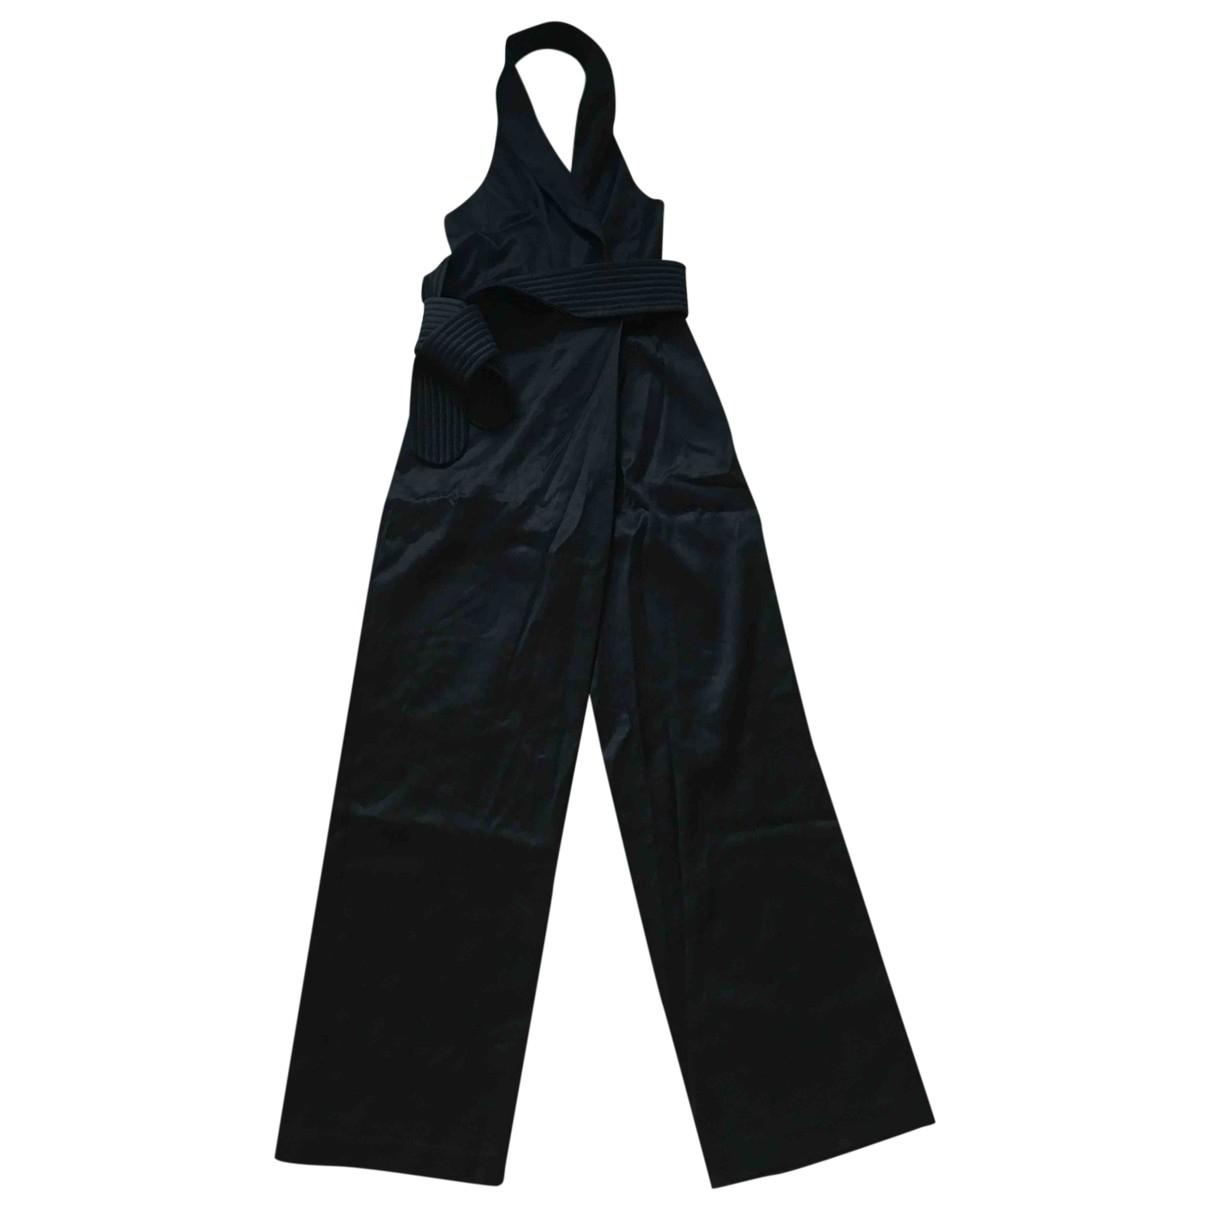 H&m Conscious Exclusive - Combinaison   pour femme en laine - noir